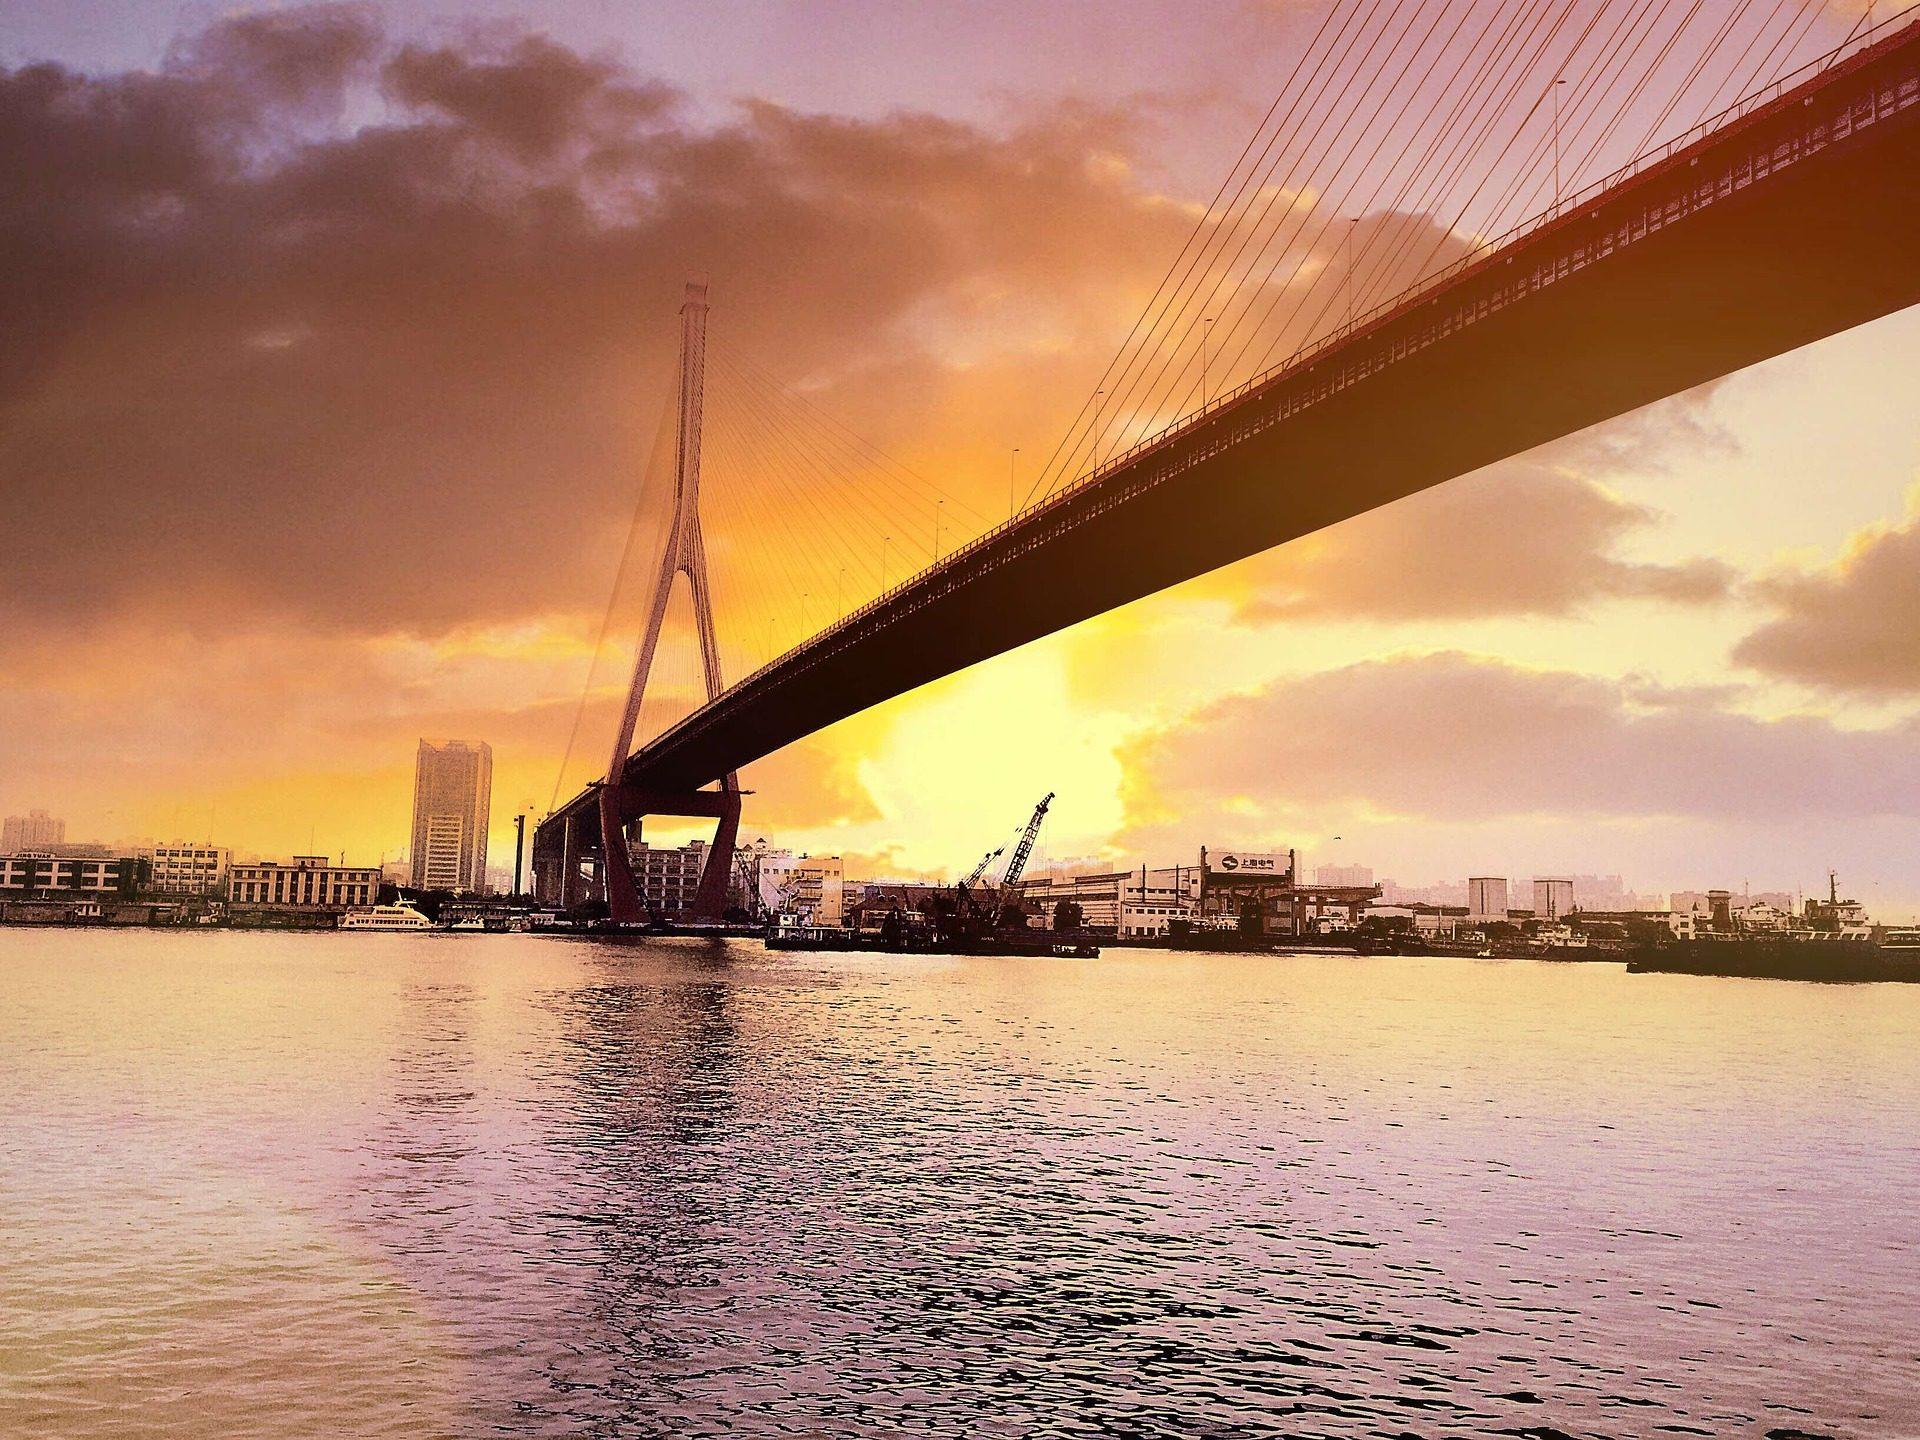 桥梁, 城市, 日落, 海, 太阳 - 高清壁纸 - 教授-falken.com